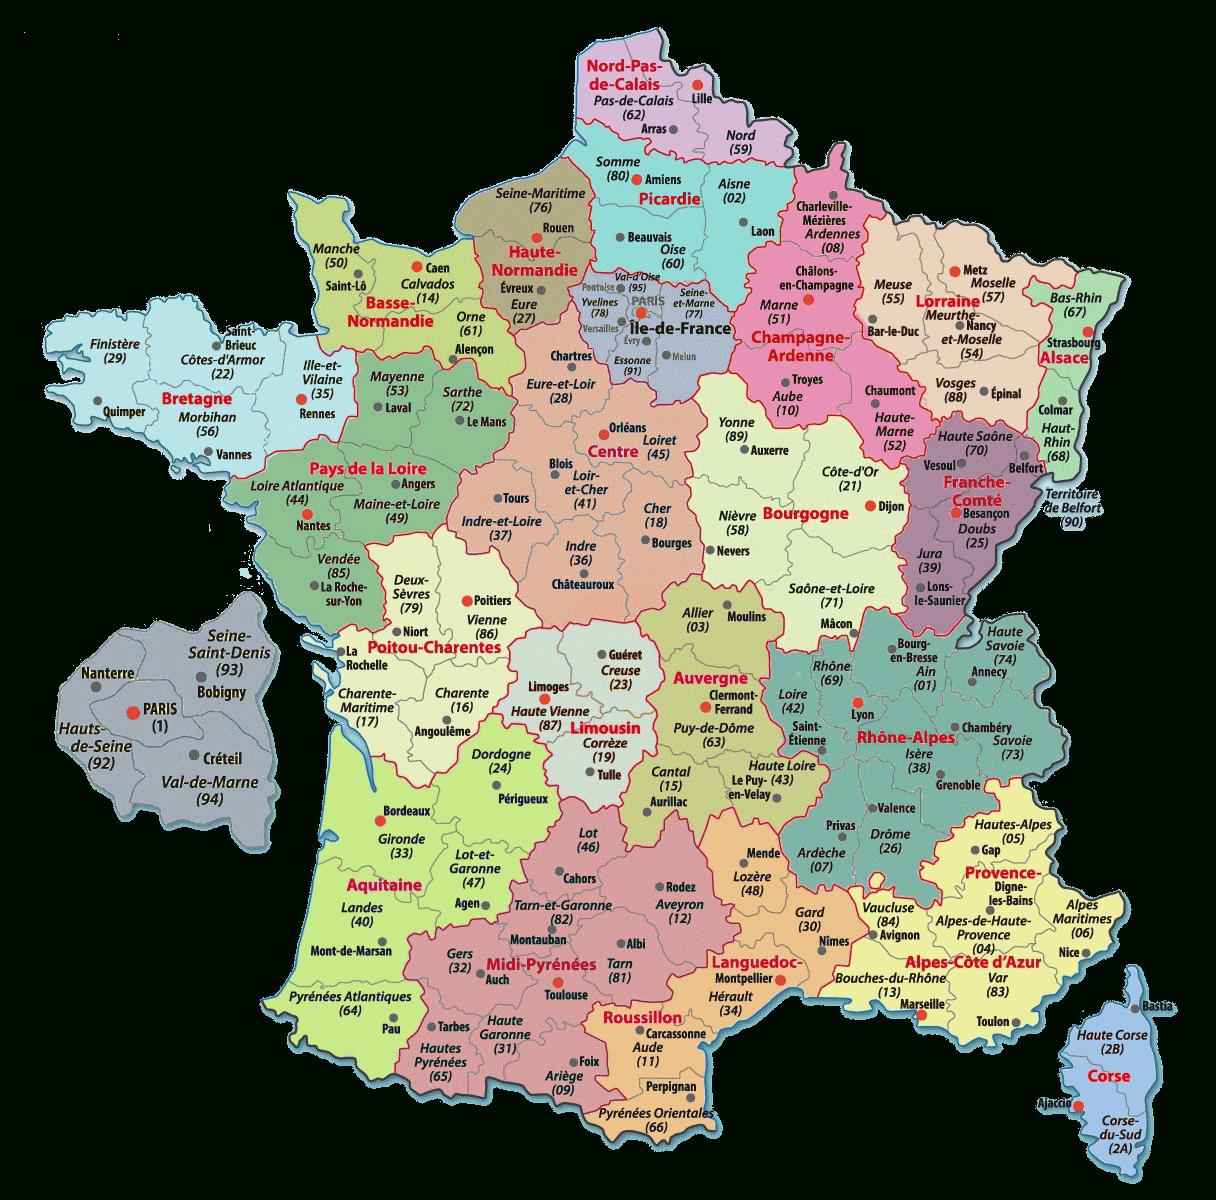 Carte De France Departements : Carte Des Départements De France dedans Carte Des Régions Et Départements De France À Imprimer